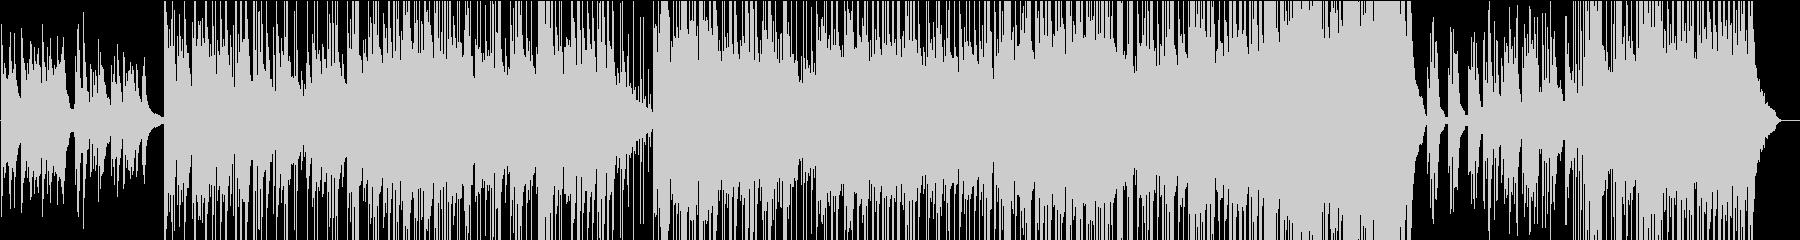 ピアノの旋律が印象的なバラード曲の未再生の波形